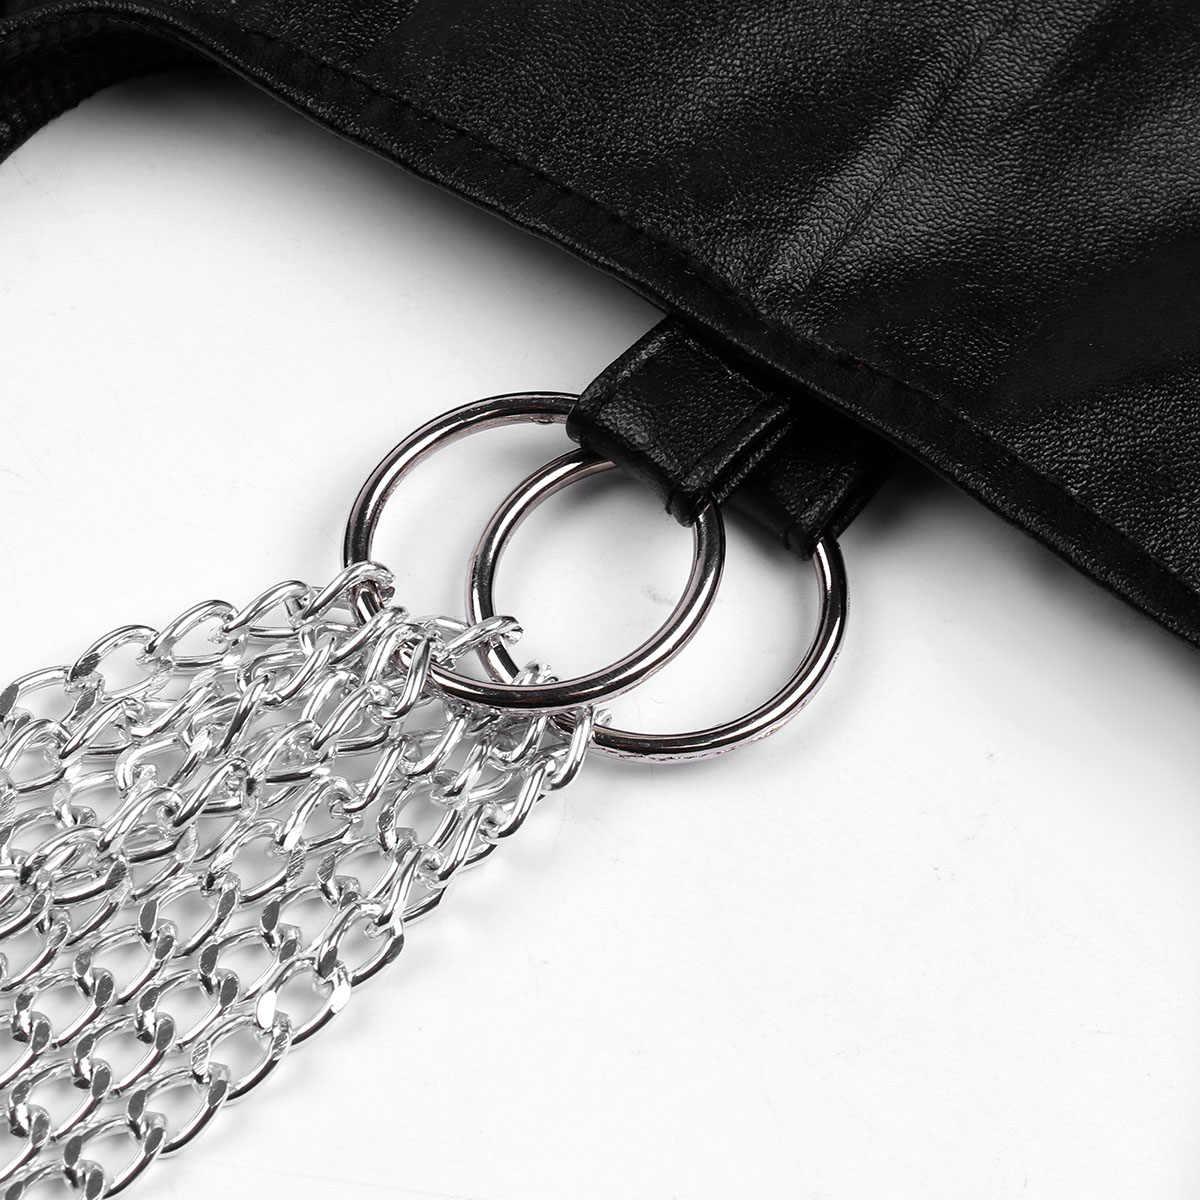 Mujeres Sexy PU cuero Bralette sujetador Crop Top ancho correas de hombro con cadena de borla de Metal y Clips chaleco Crop tops Clubwear